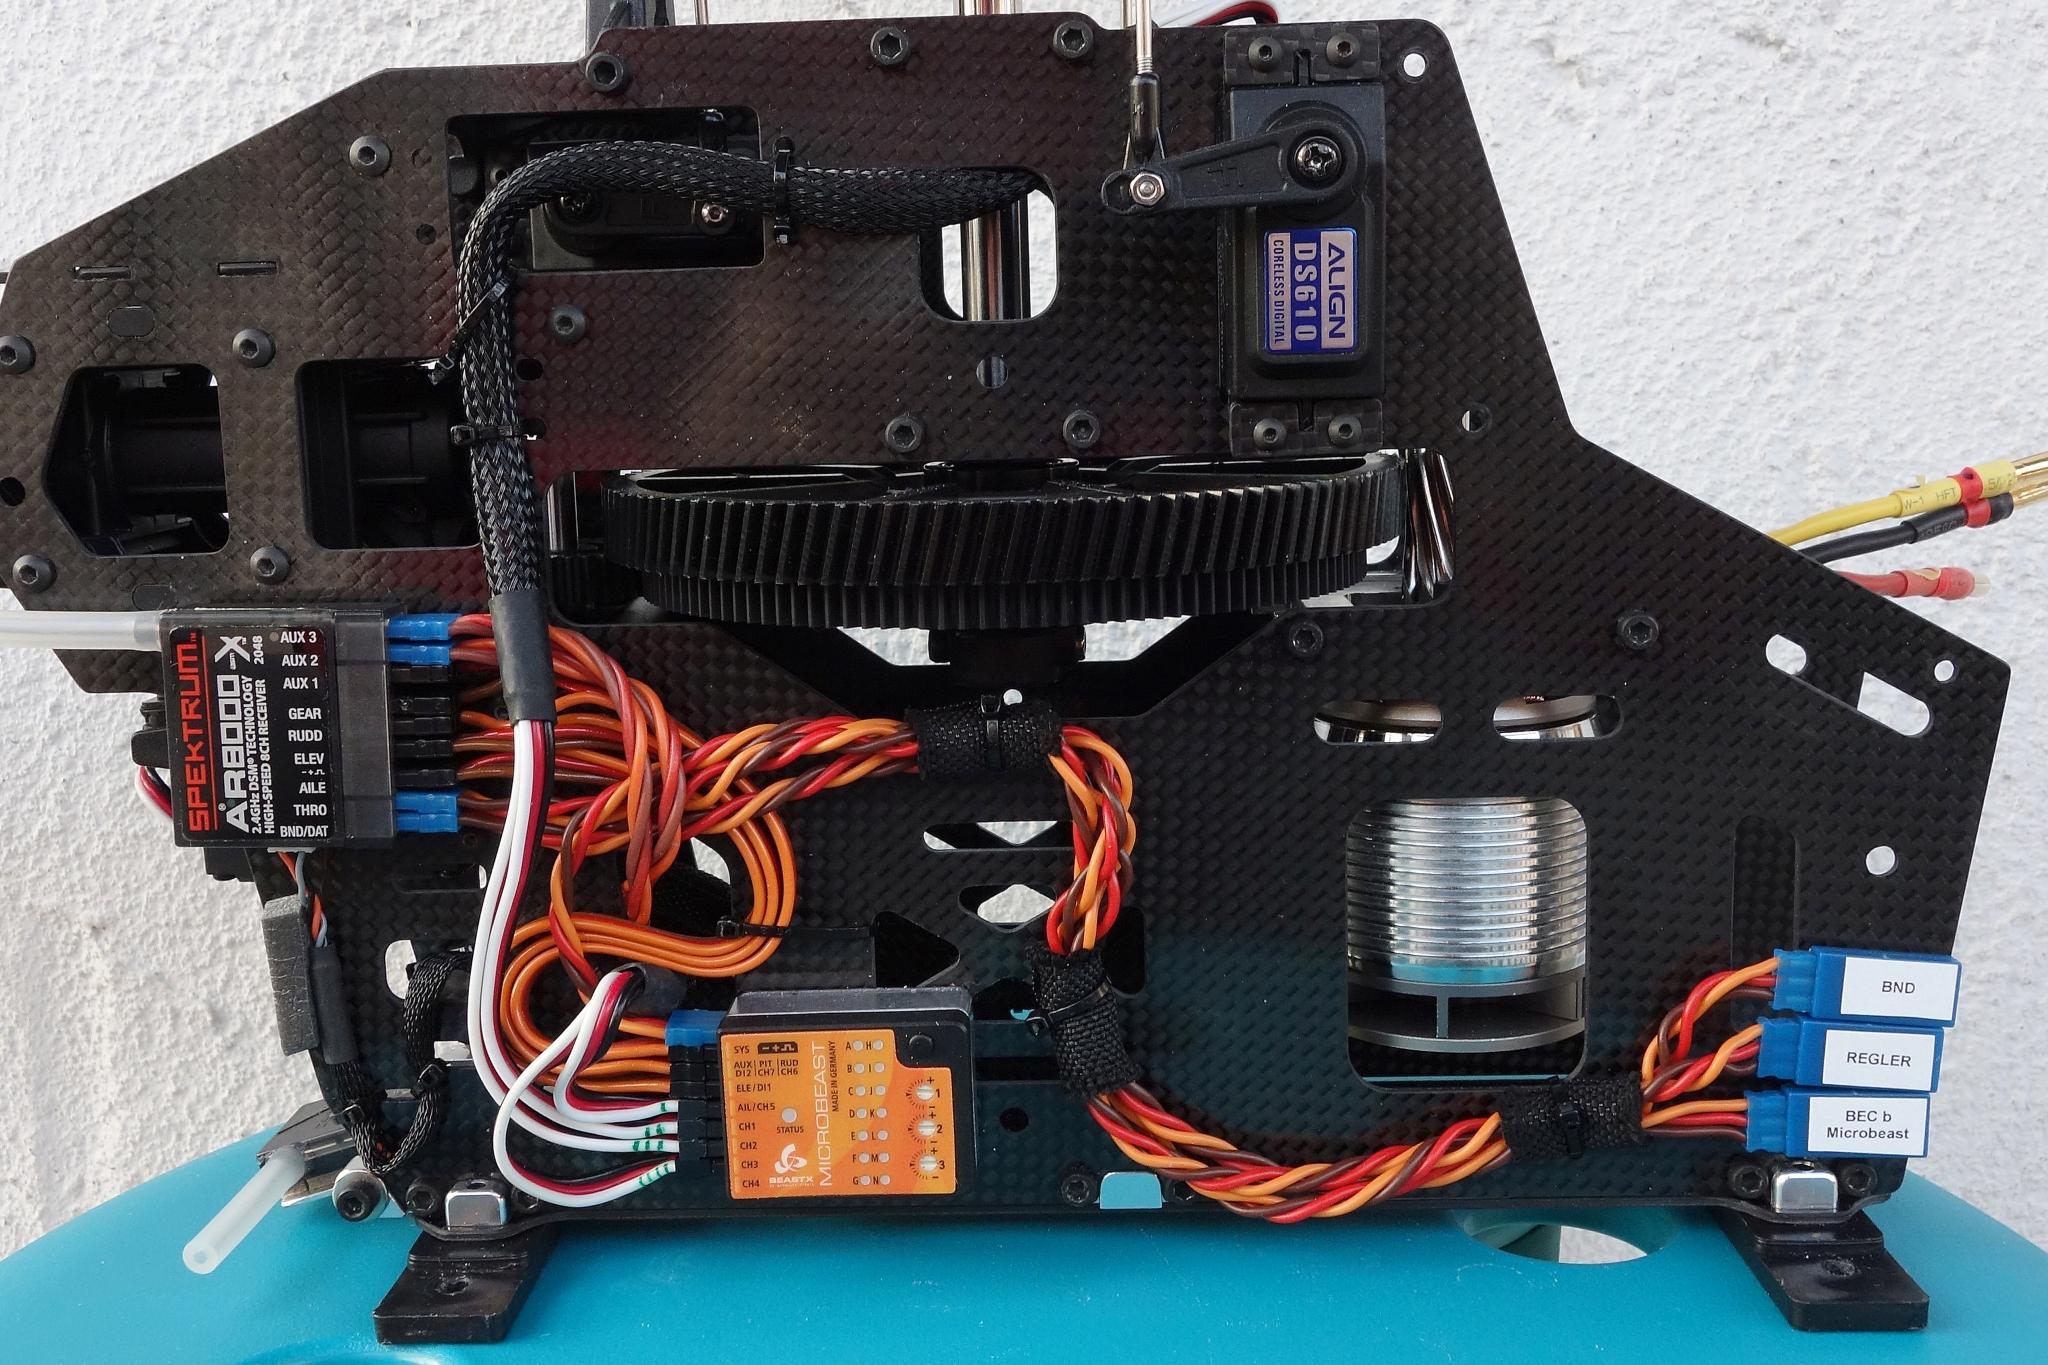 Kabel an / in der Mechanik verlegt